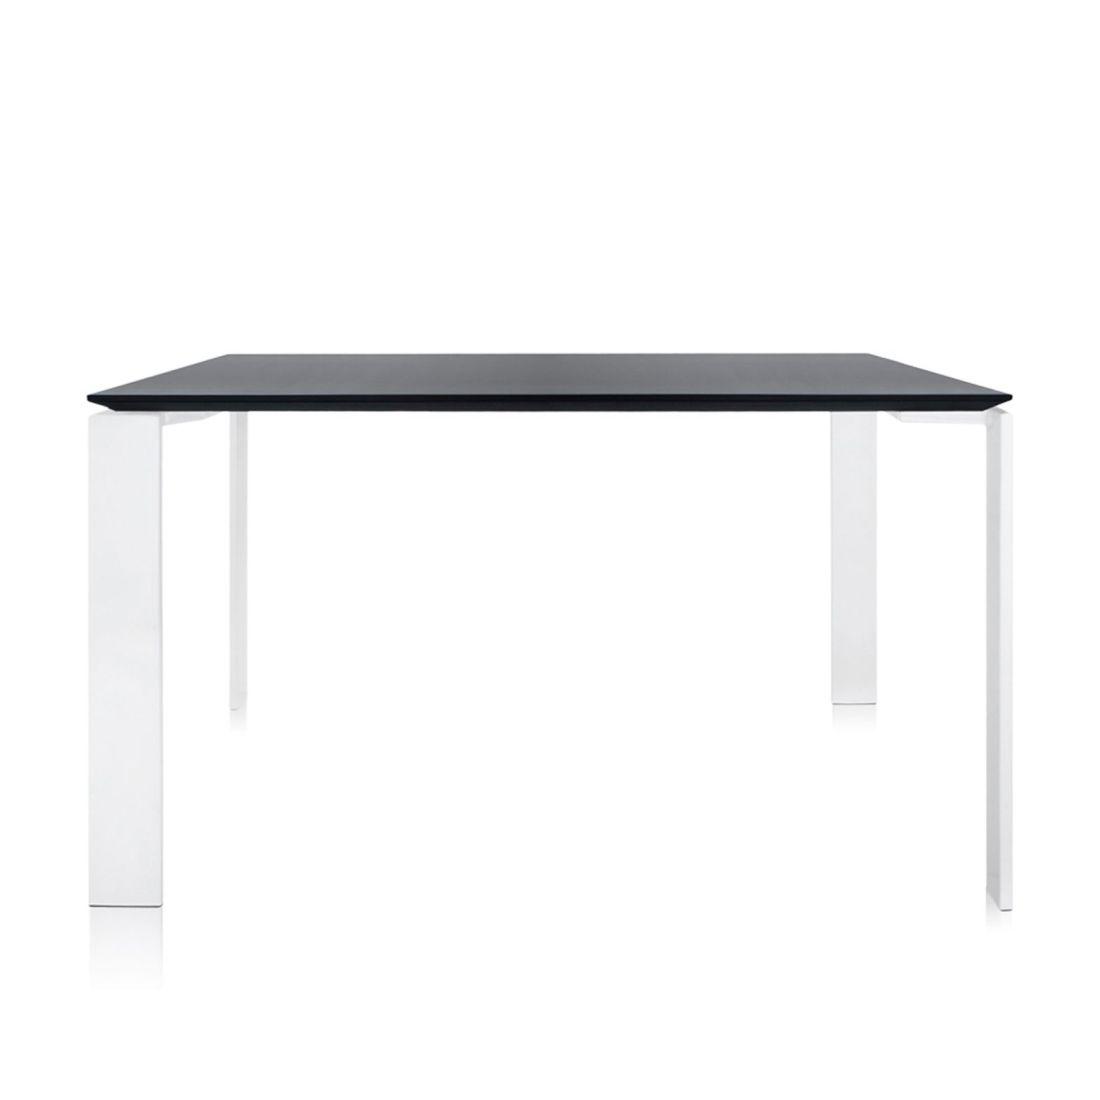 Four Tisch 128 x 128 Beine schwarz, Platte weiß